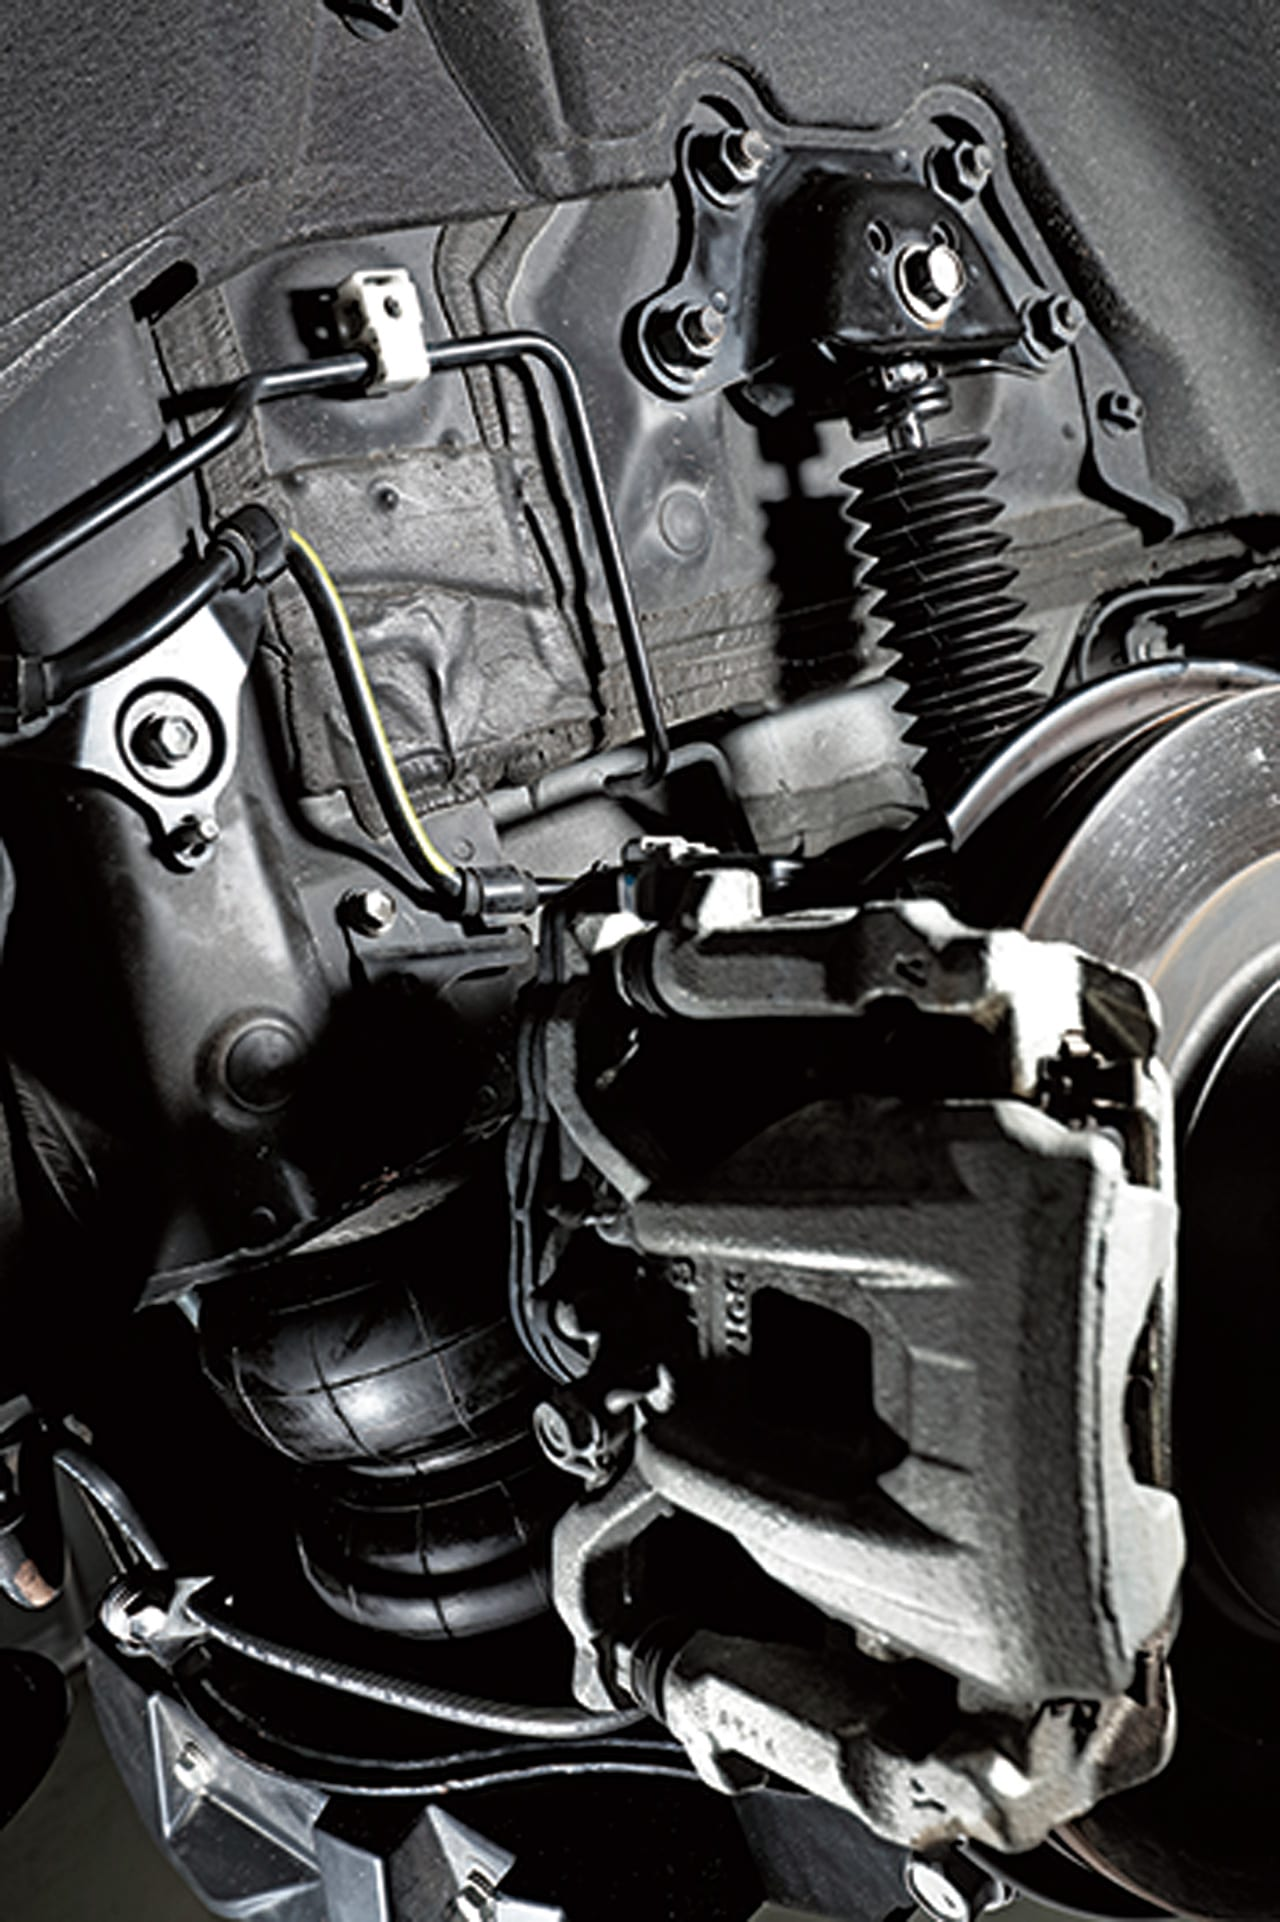 エアサスのファイナルアンサー! 新採用のリザーブタンク式ショック|30アルヴェル 足回り カスタム